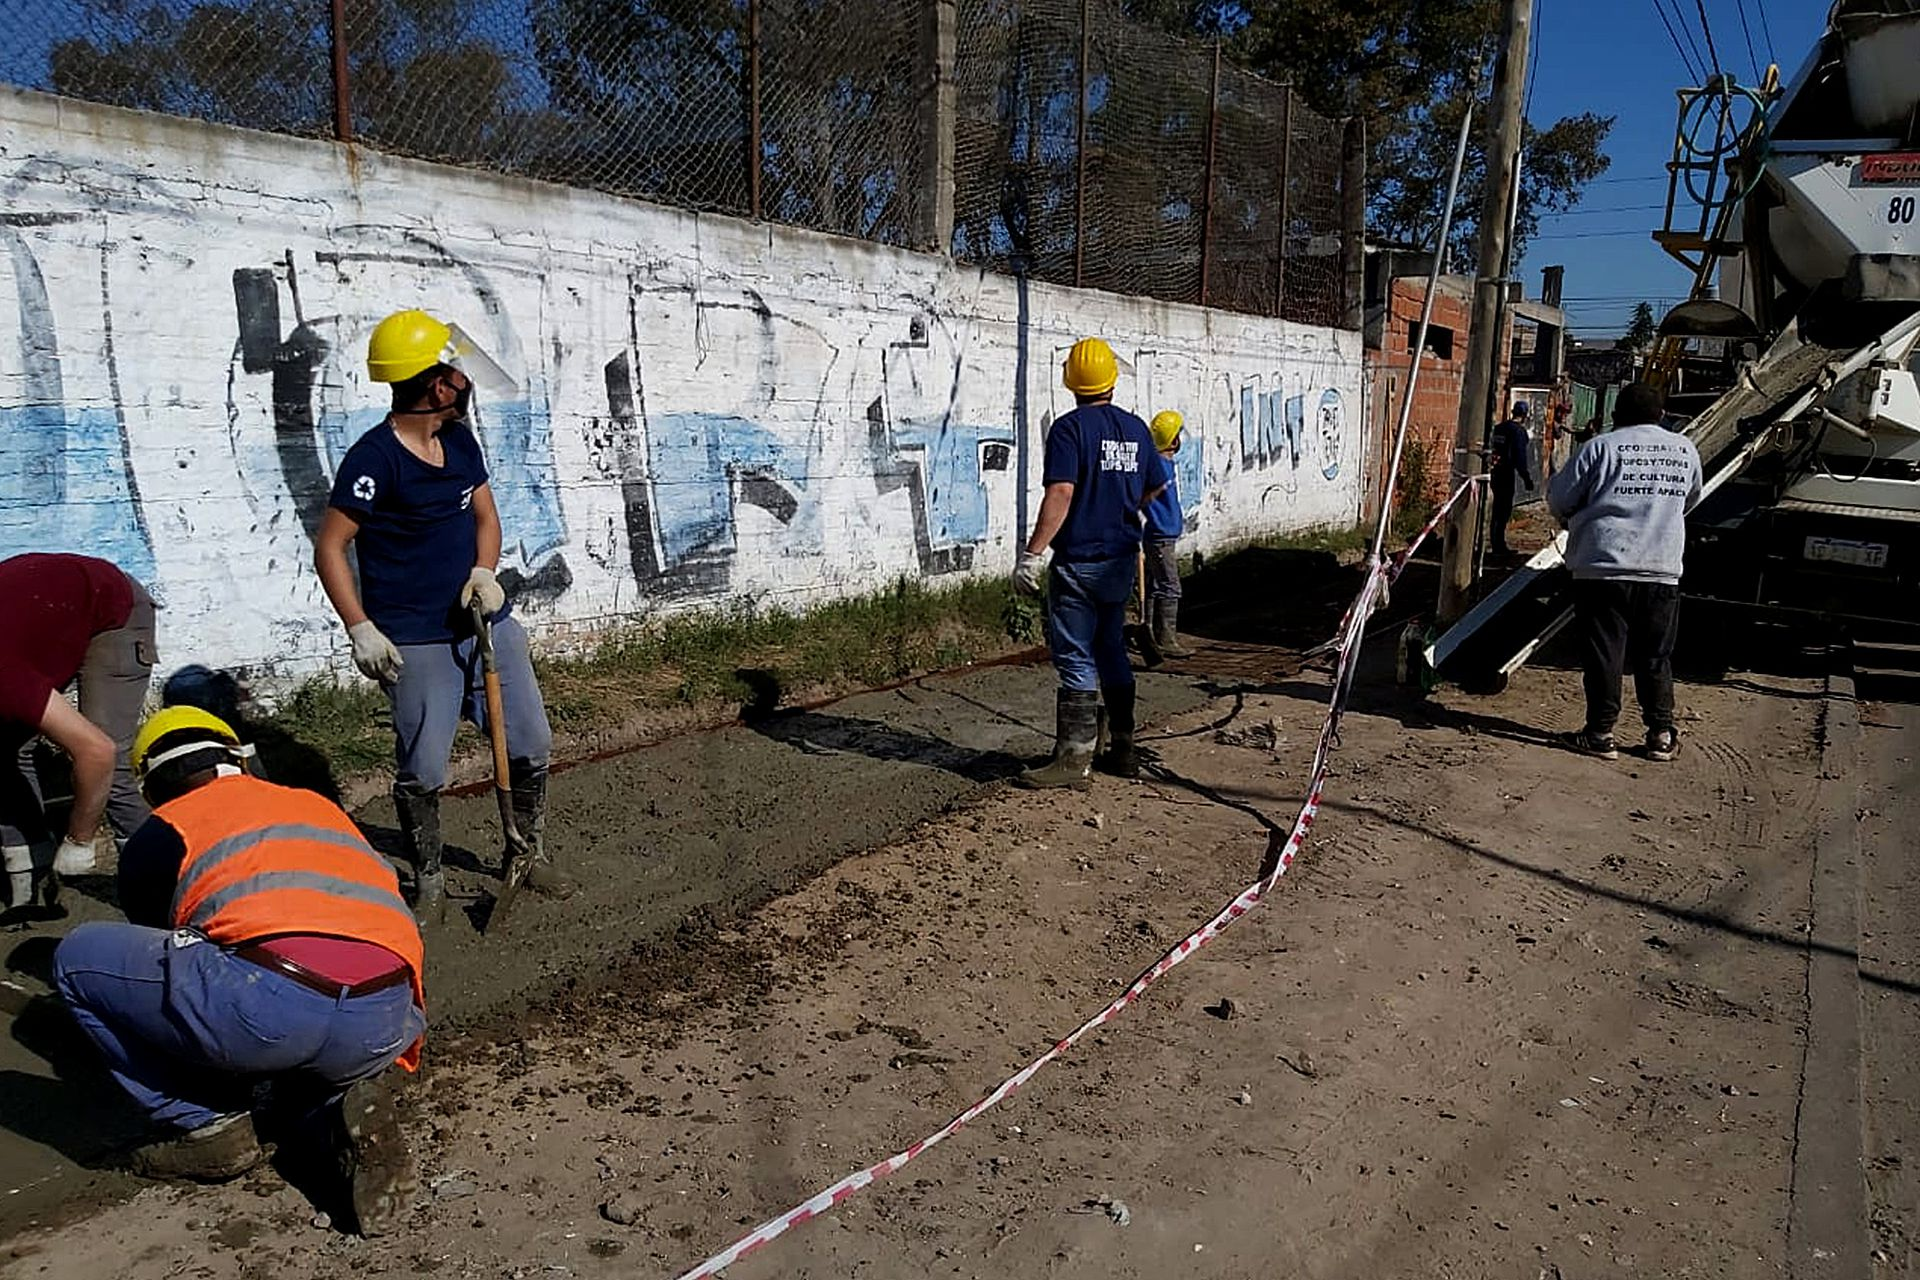 Los Topos es una agrupación de exdetenidos que busca fomentar la reinserción laboral